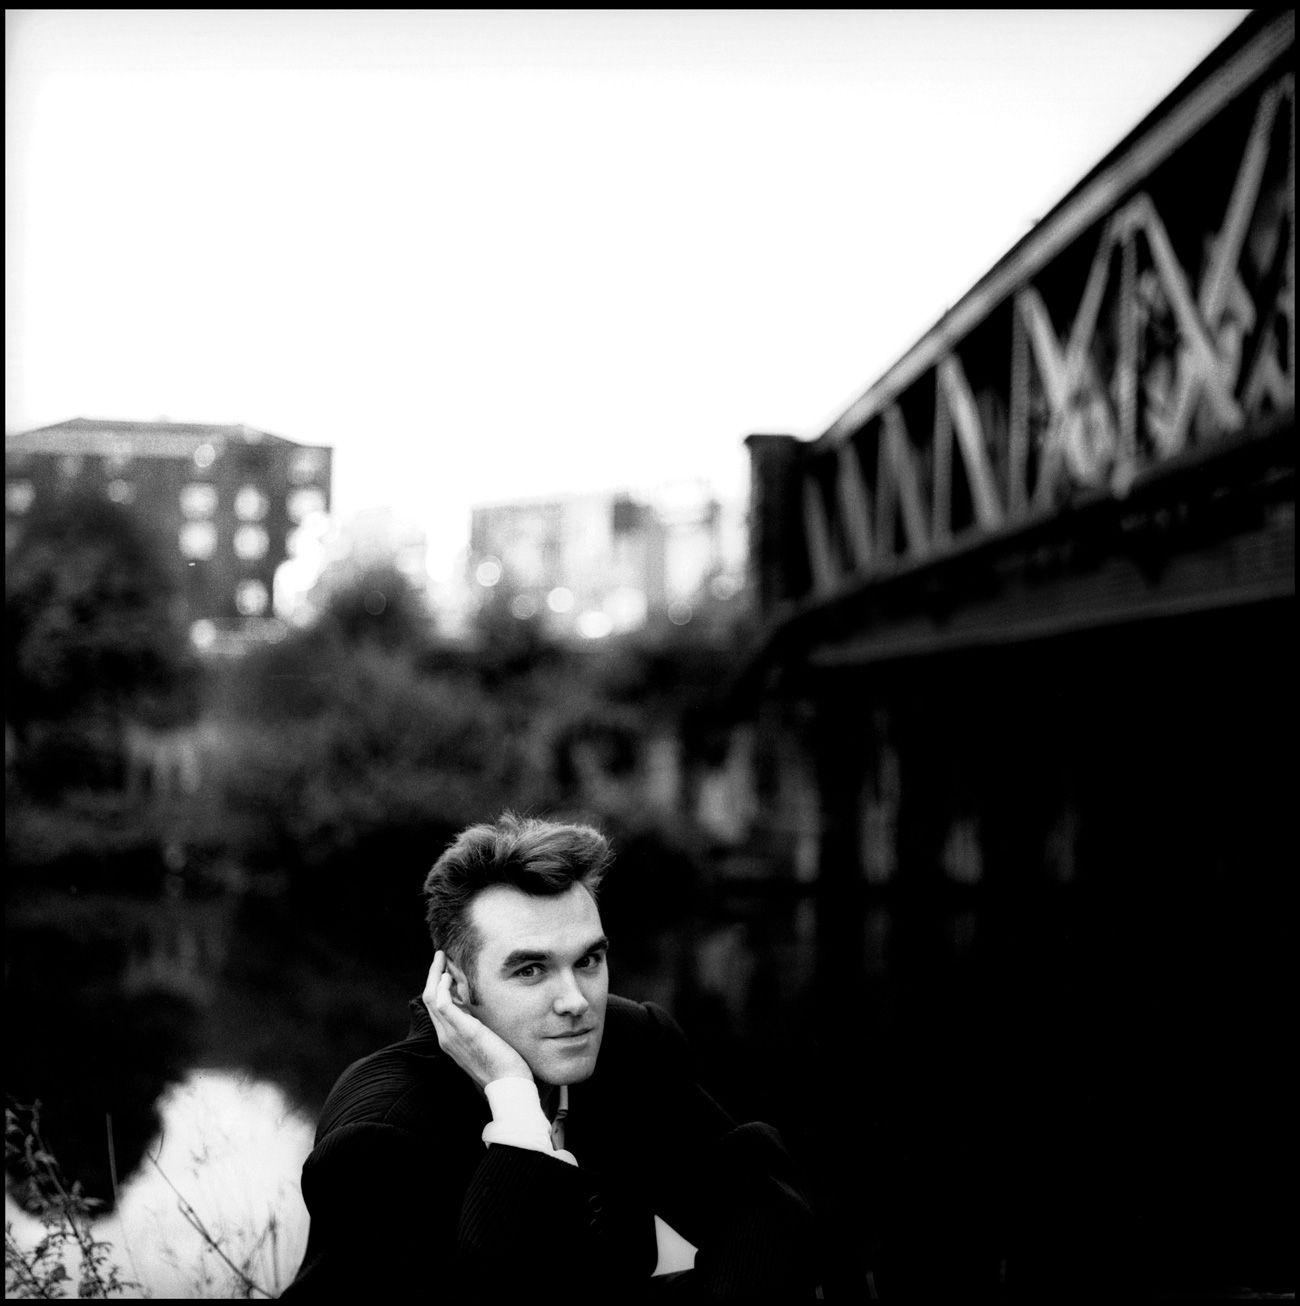 Morrissey Linder Sterling Morrissey Moz Morrissey